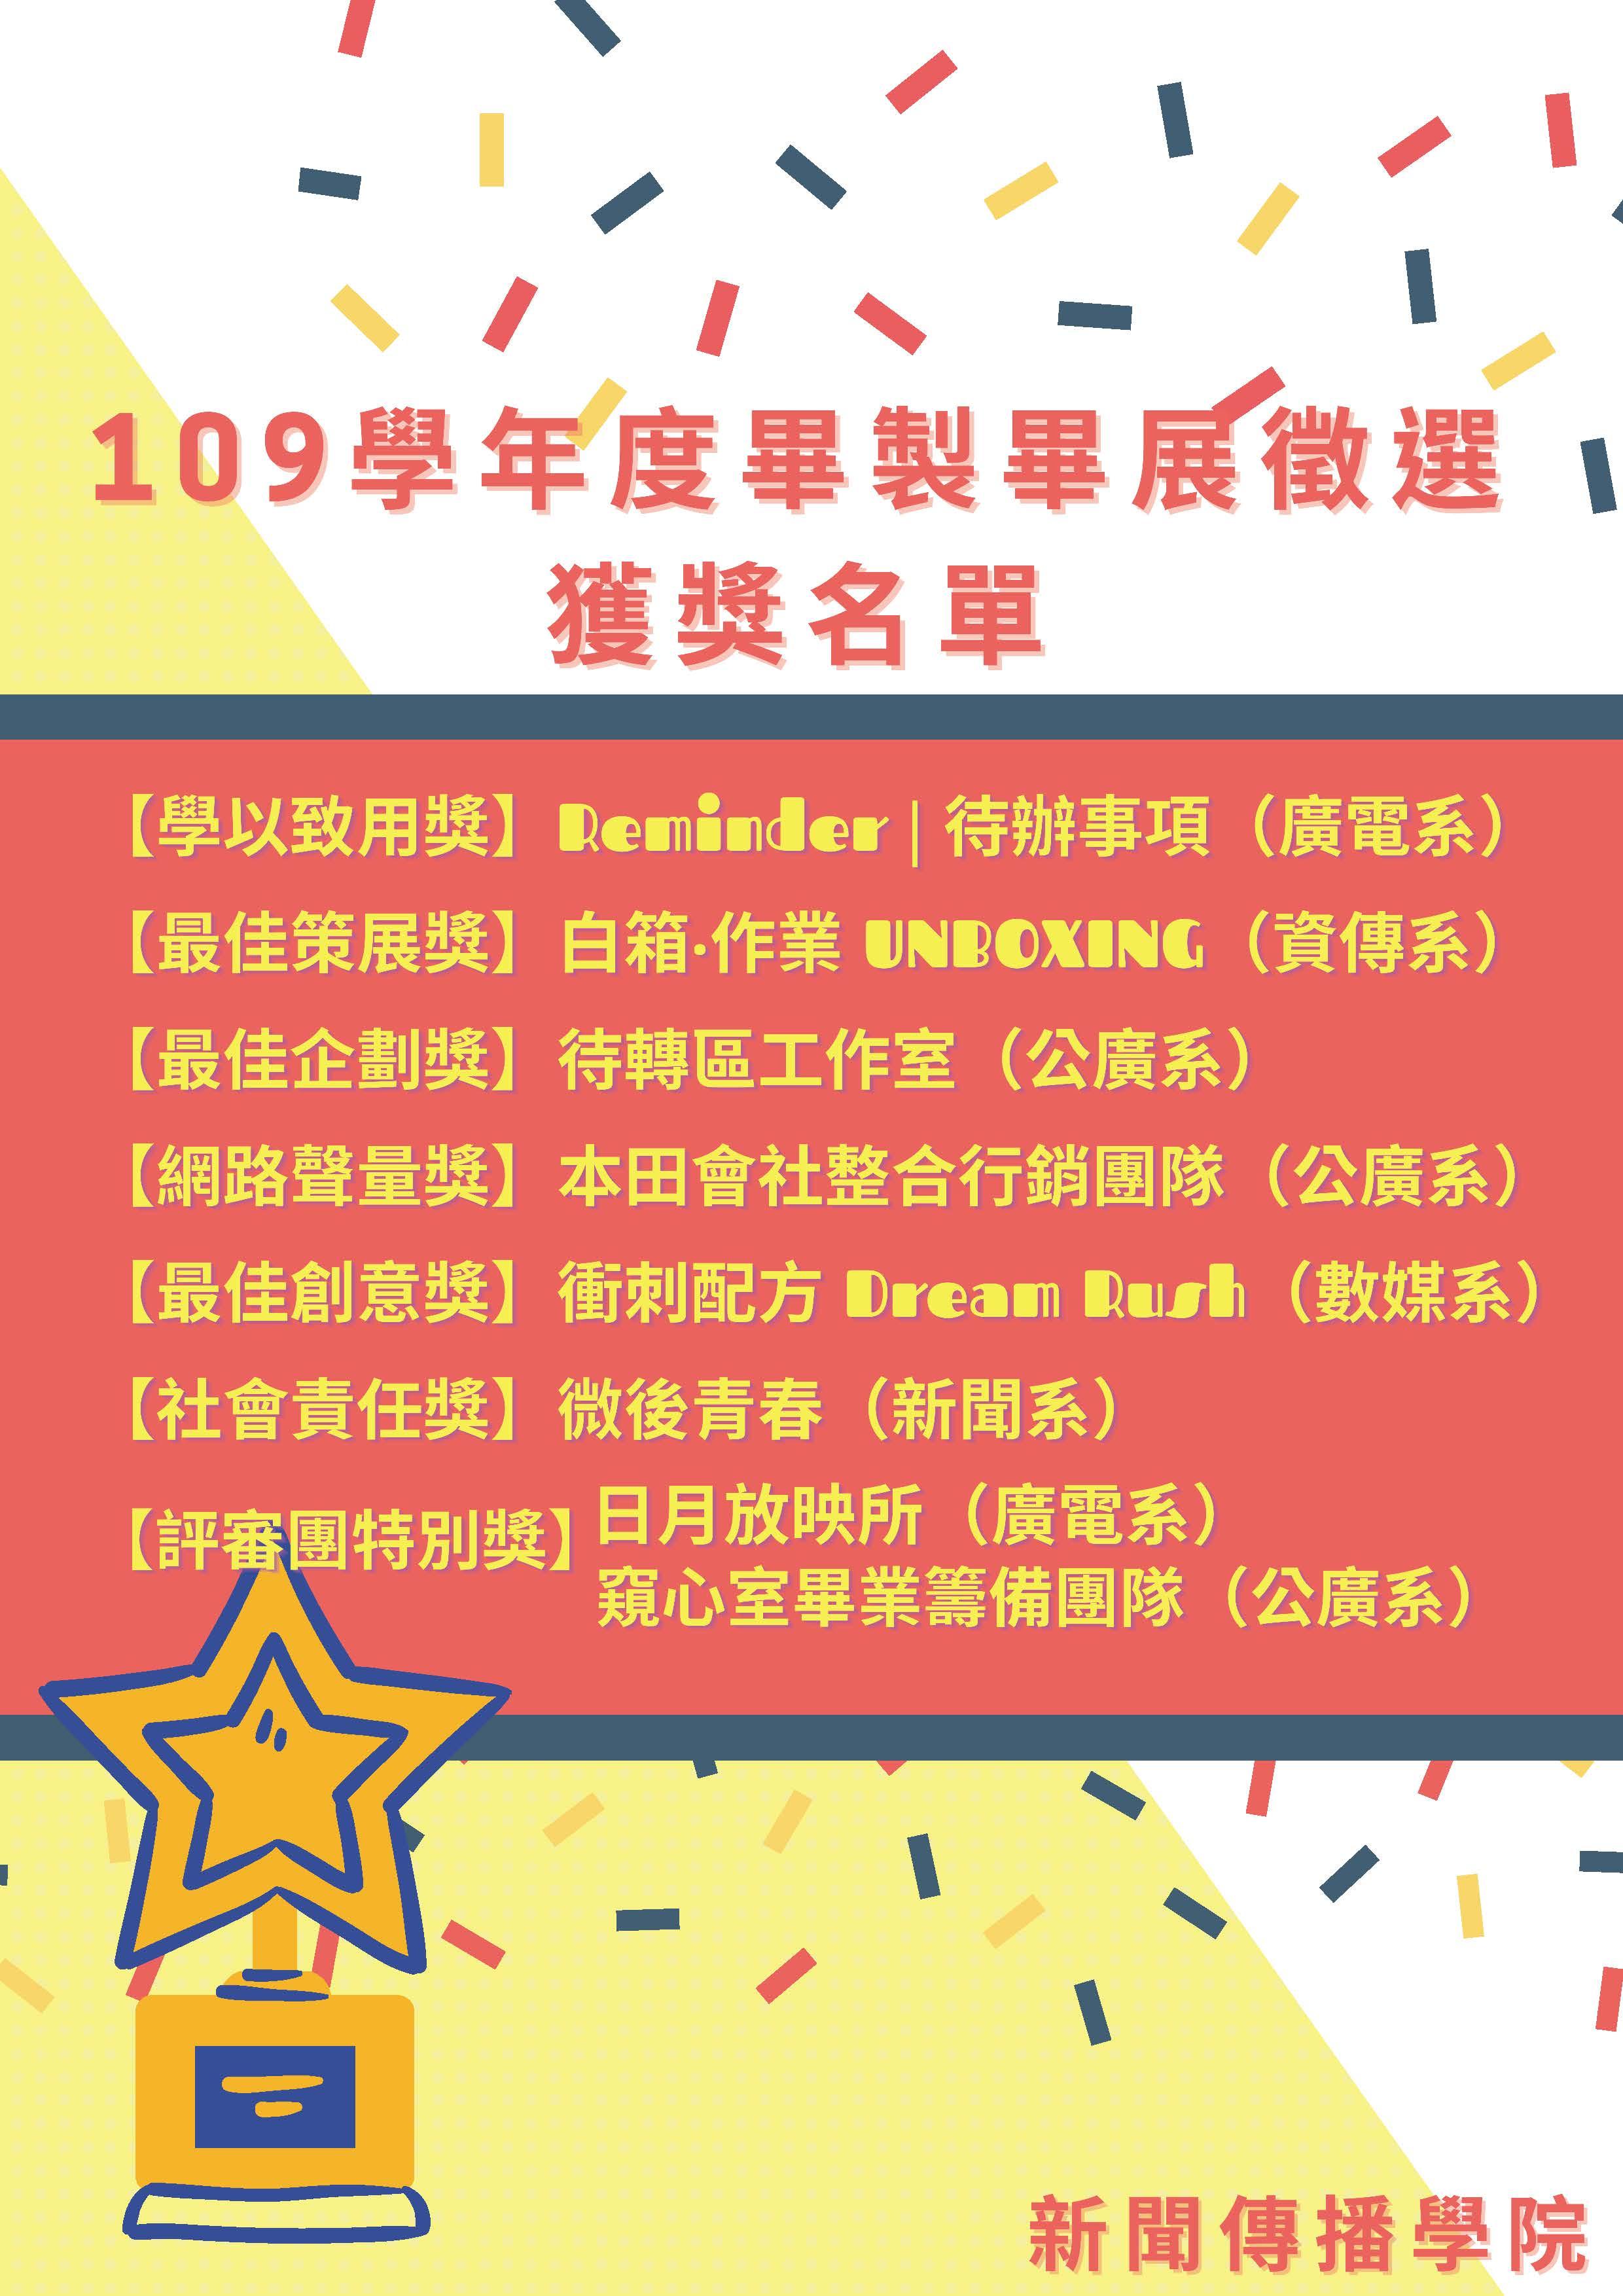 109學年度畢製畢展徵選 獲獎名單